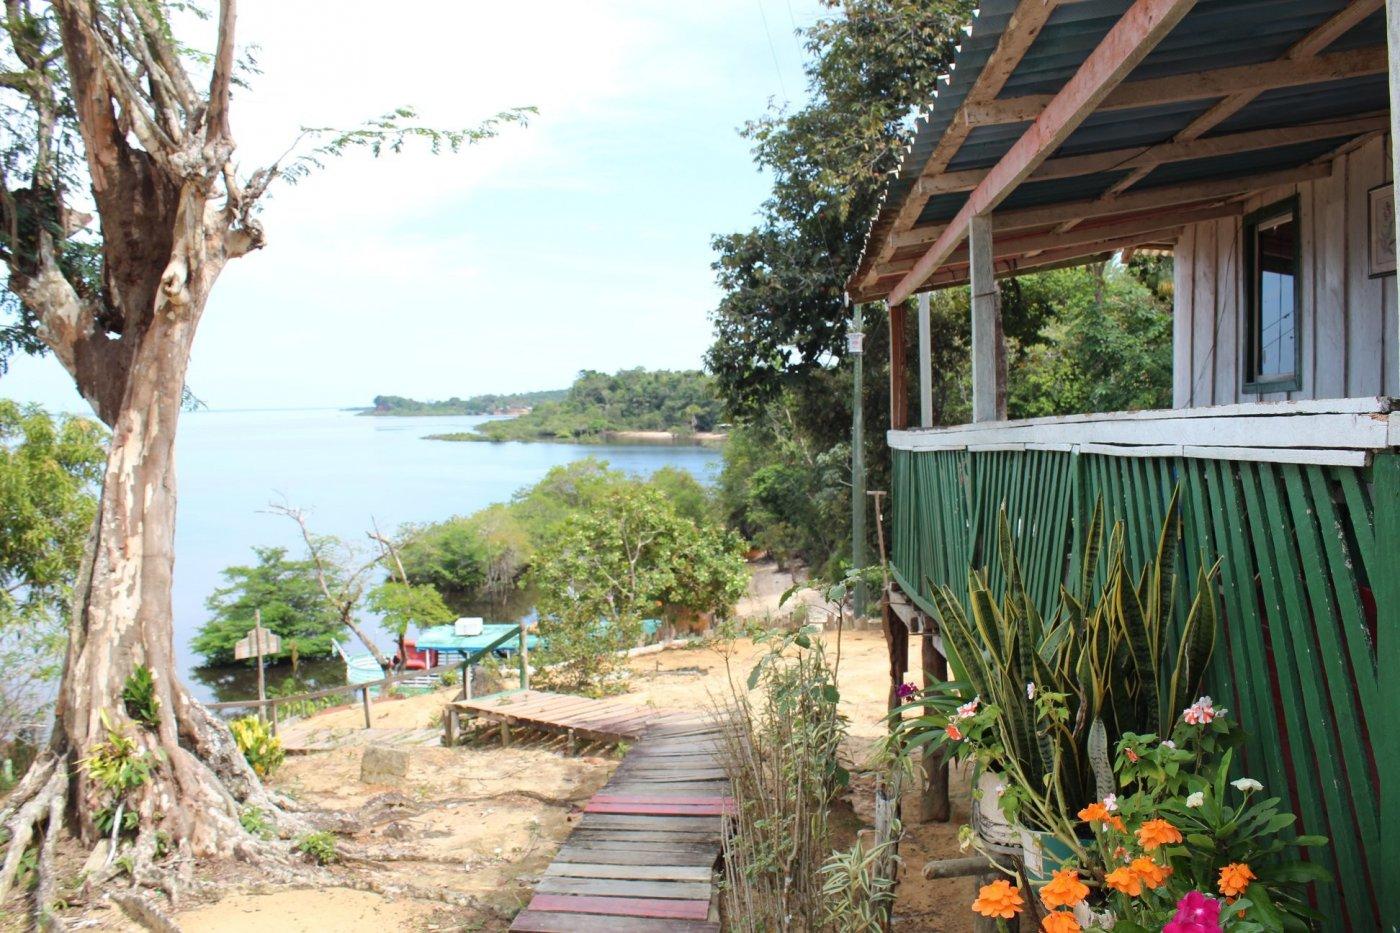 heliconia-amazonia-un-lodge-agreable-pour-profiter-d-un-moment-de-detente